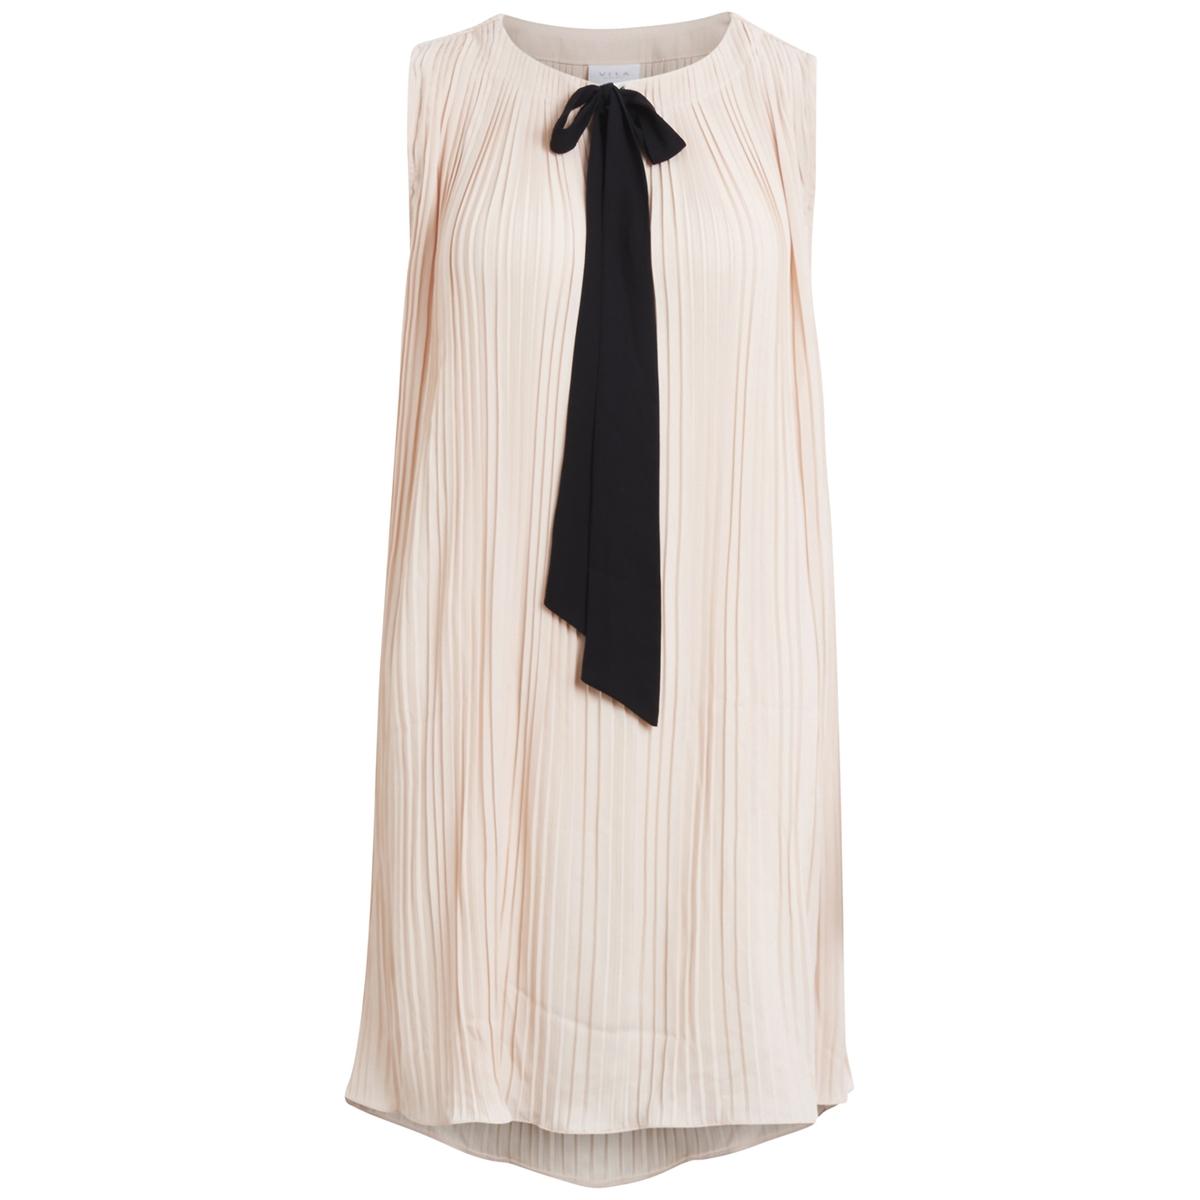 Платье средней длины, 3/4, рукава короткиеДетали •  Форма : прямая  •  Длина миди, 3/4  •  Короткие рукава    •  Галстук-бантСостав и уход •  100% полиэстер  •  Следуйте советам по уходу, указанным на этикетке<br><br>Цвет: бледно-розовый